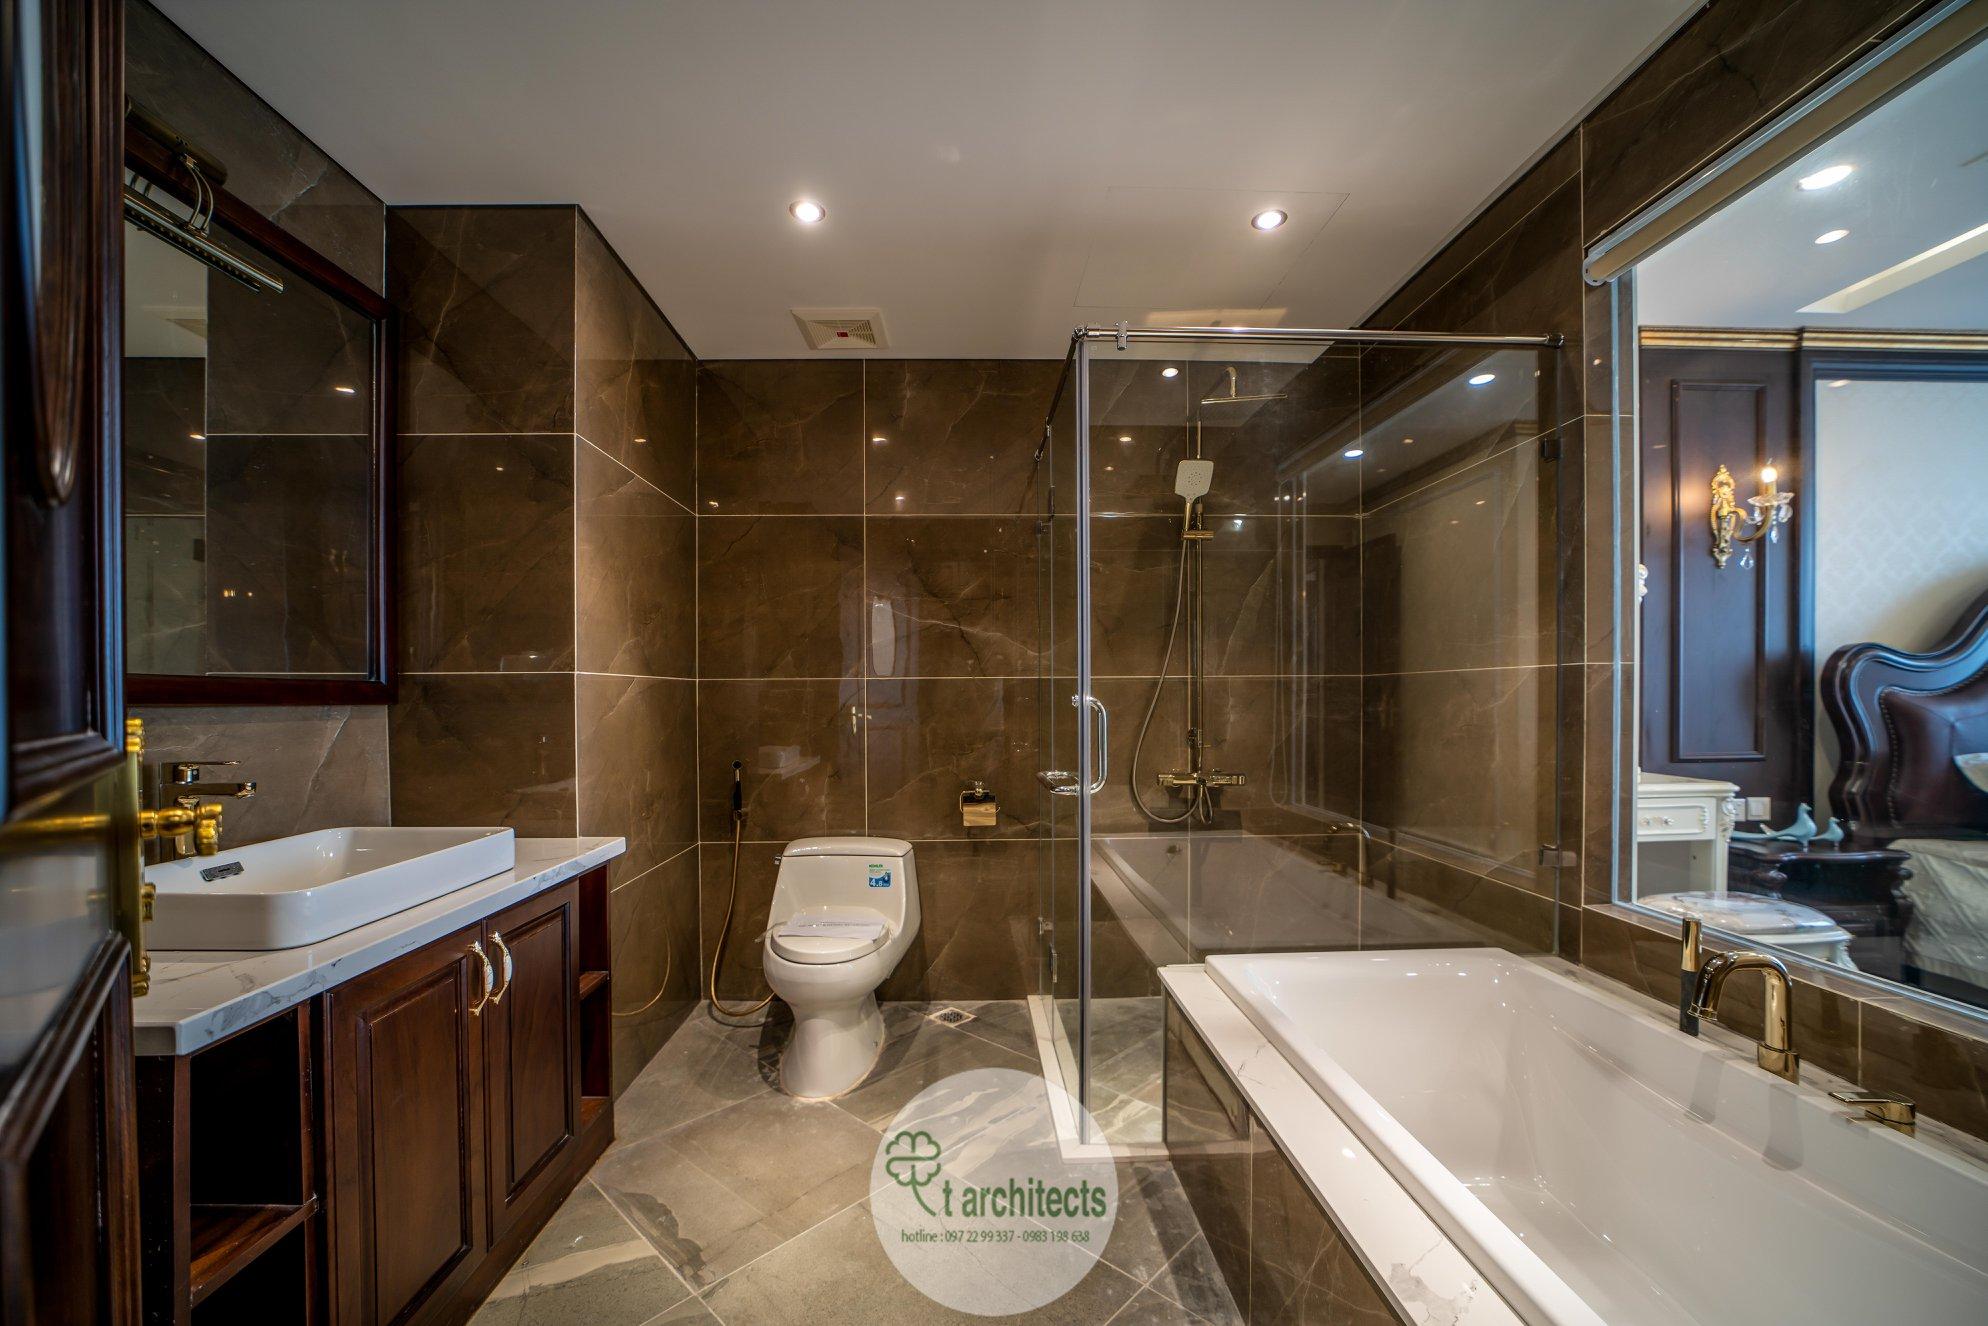 Thiết kế nội thất Chung Cư tại Hà Nội Thiết kế 6 căn hộ mẫu chung cư HC GOLDEN CITY 1589766599 9